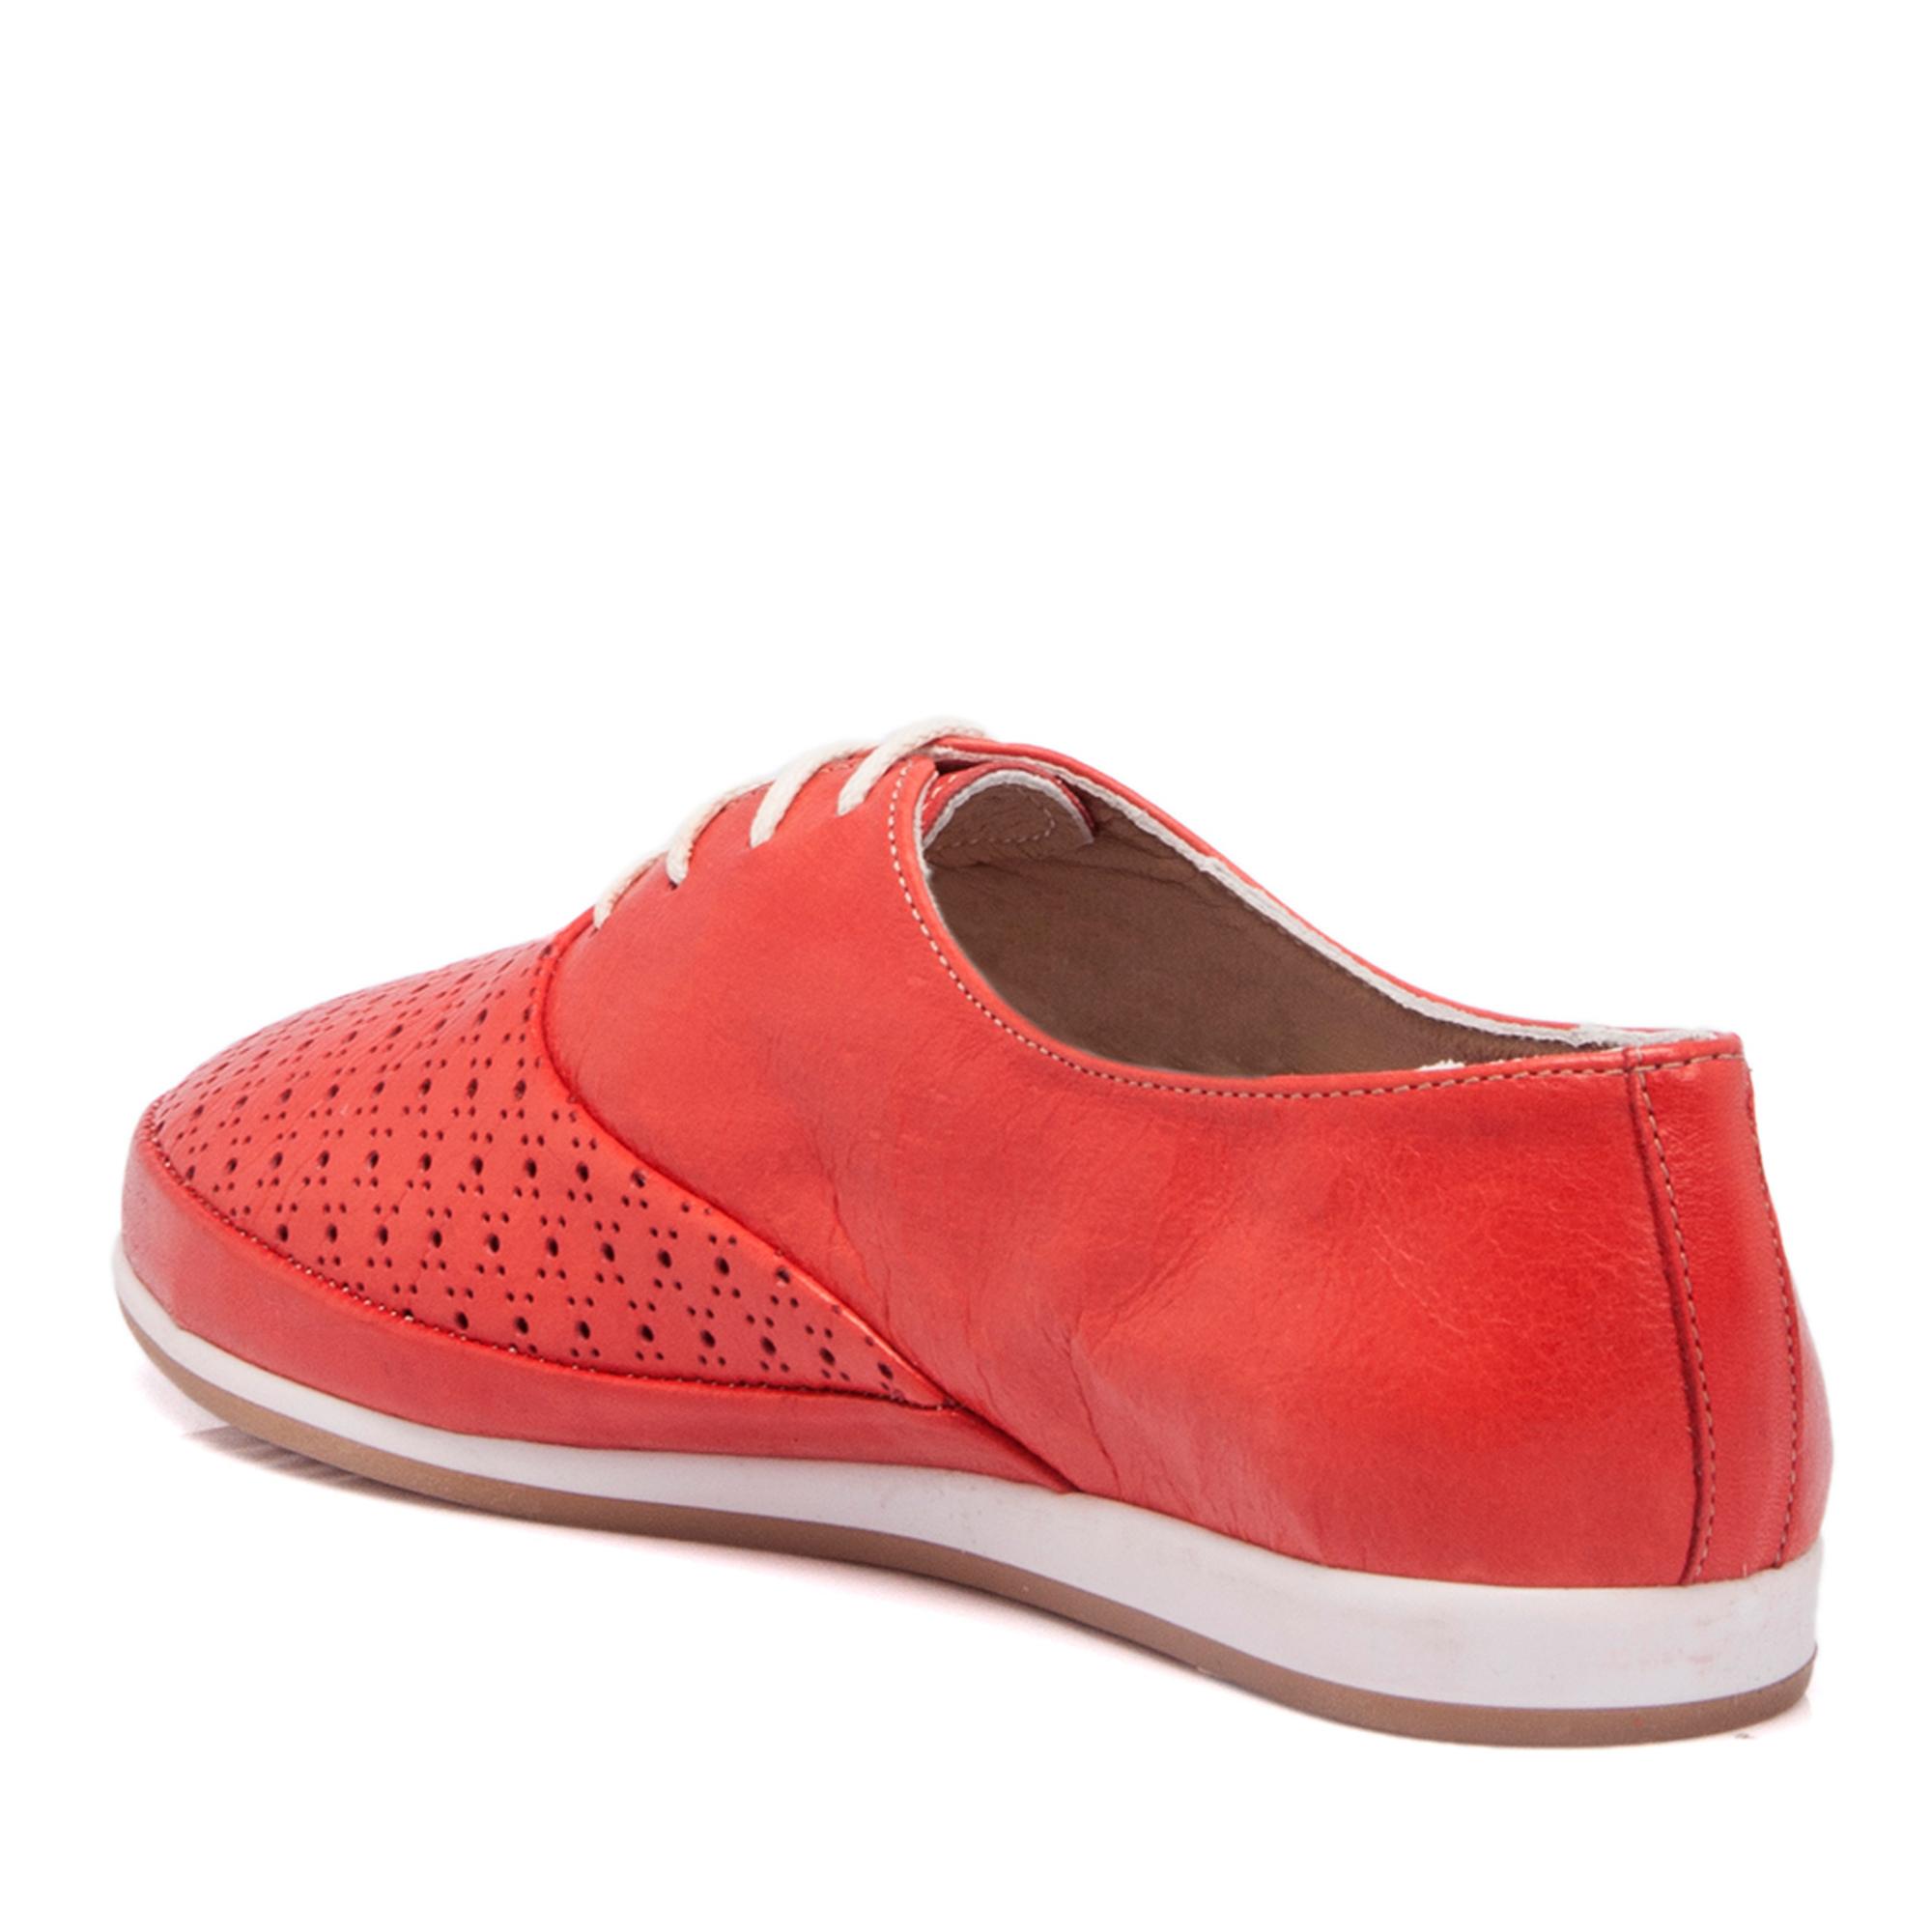 Kırmızı Deri Kadın Ayakkabı 64217A30